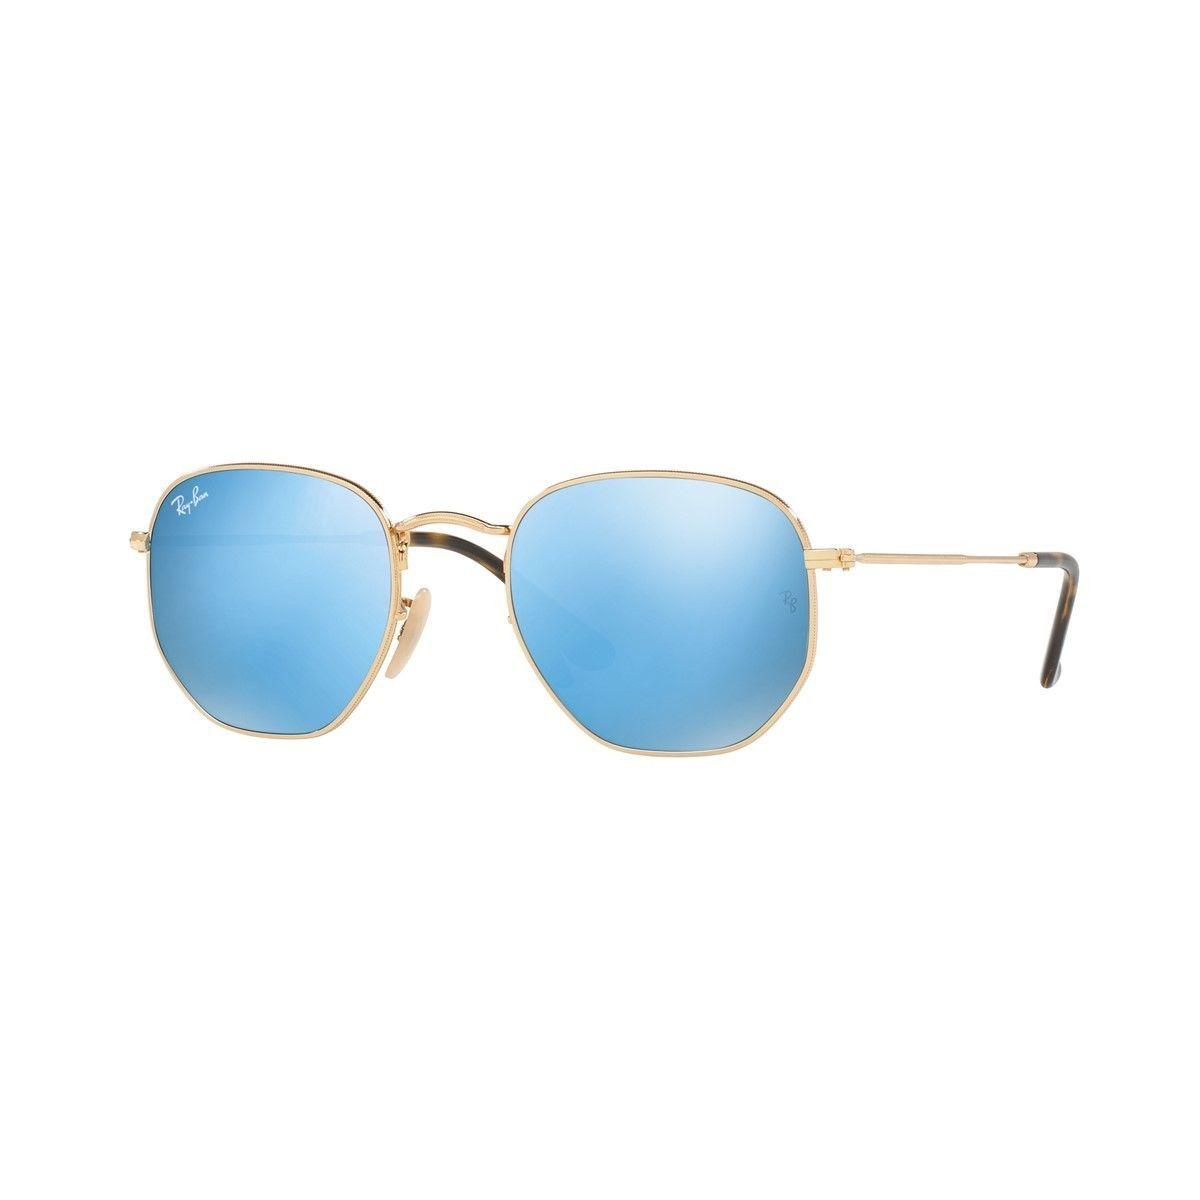 lunette soleil femme ray ban bleu